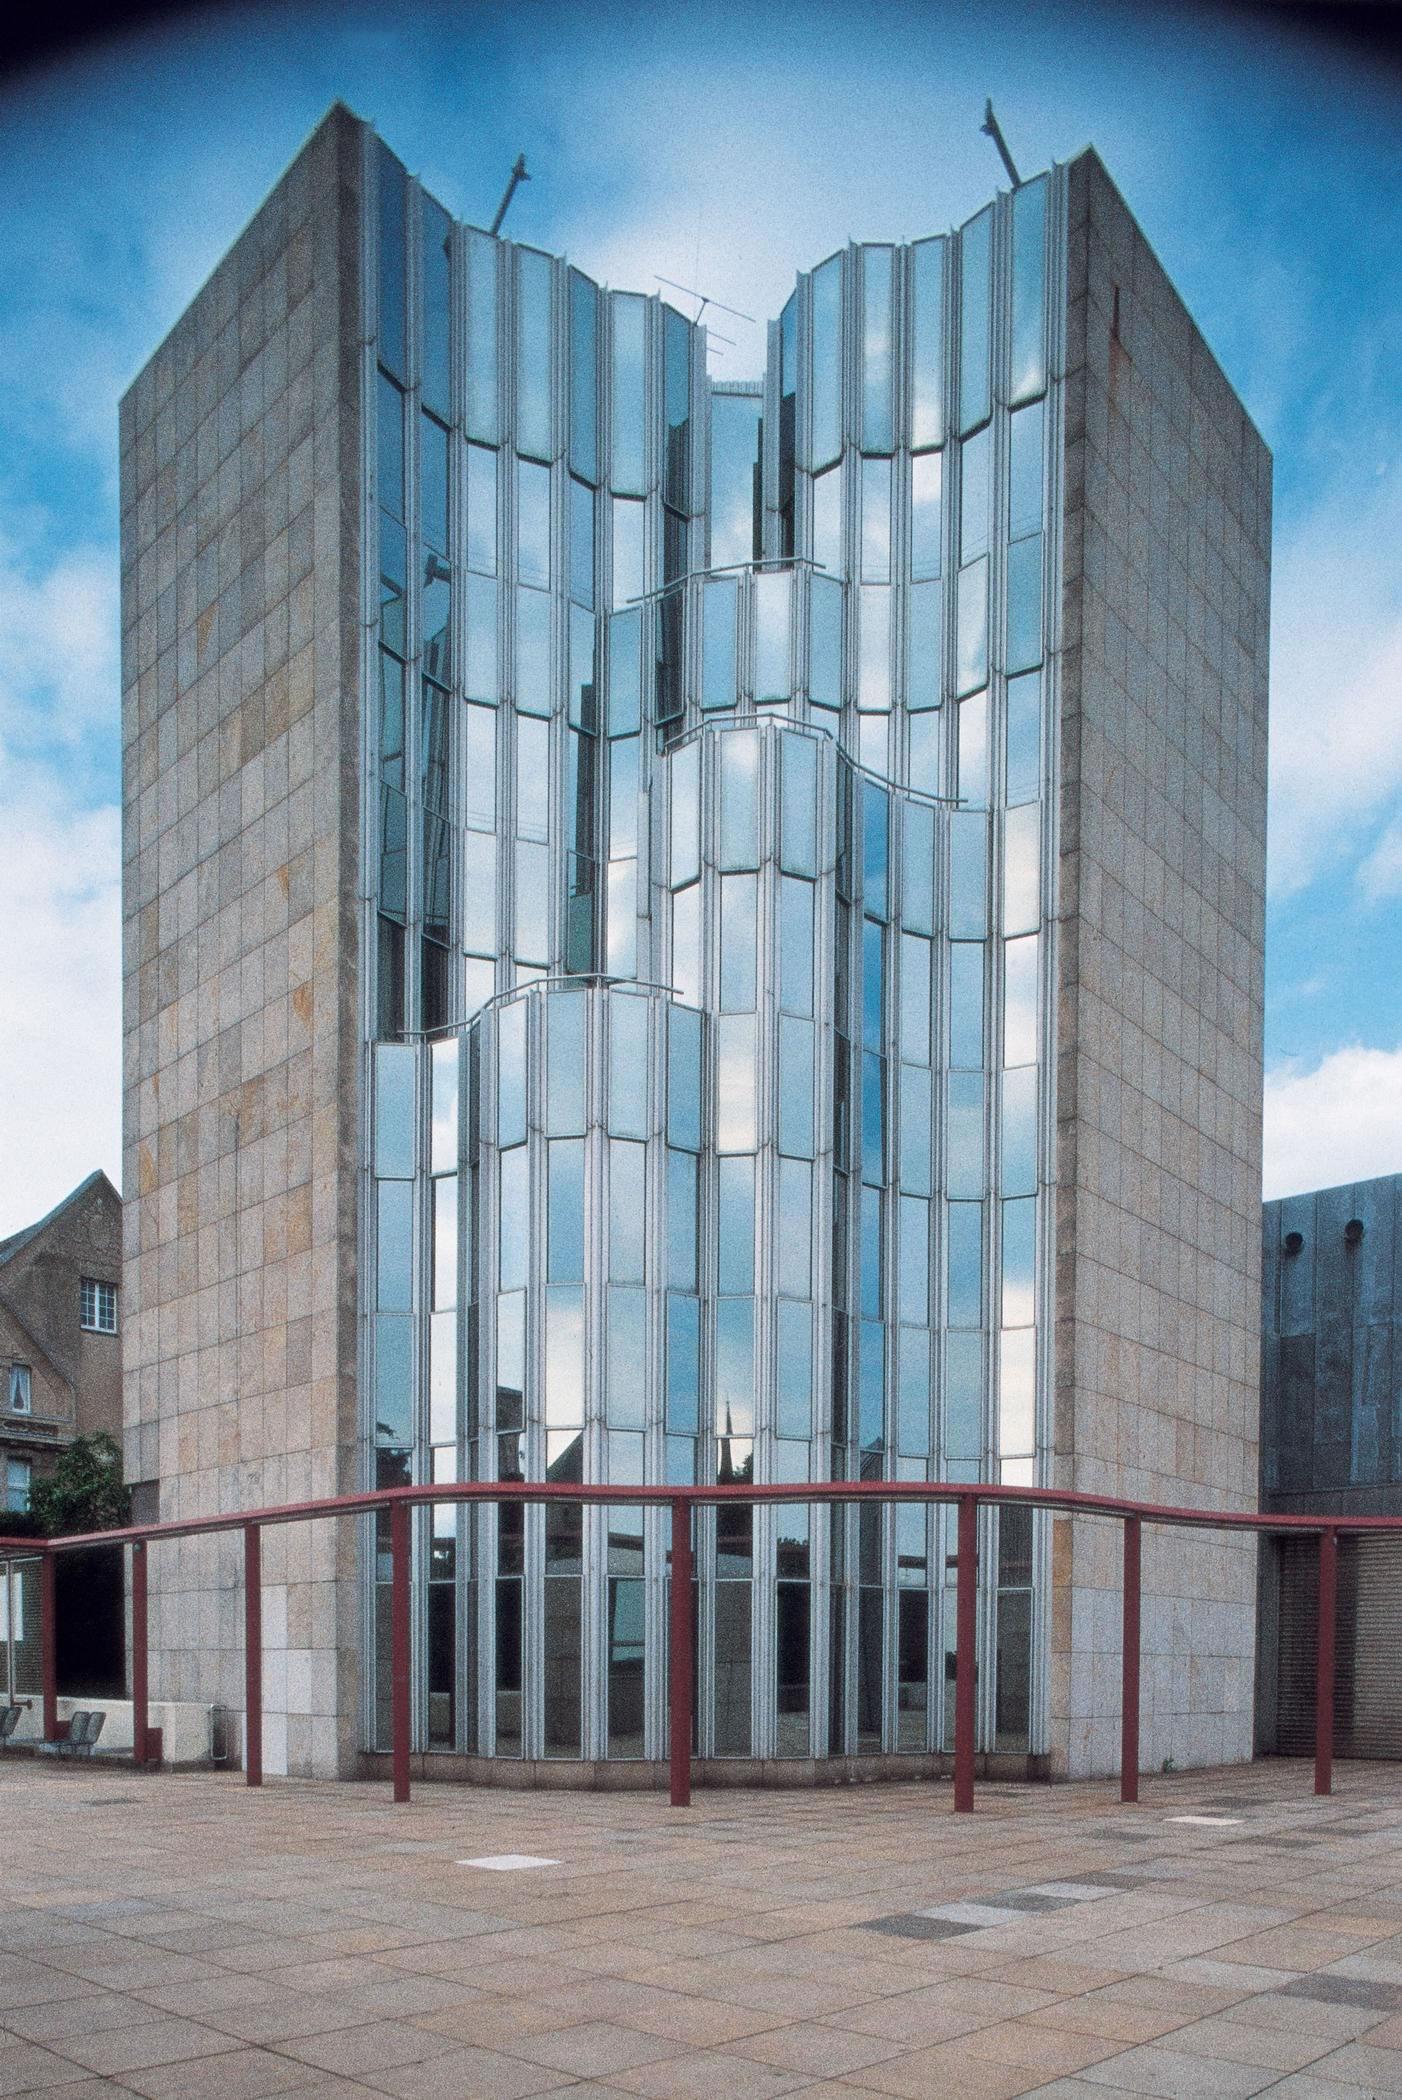 Architekten Mönchengladbach crossart